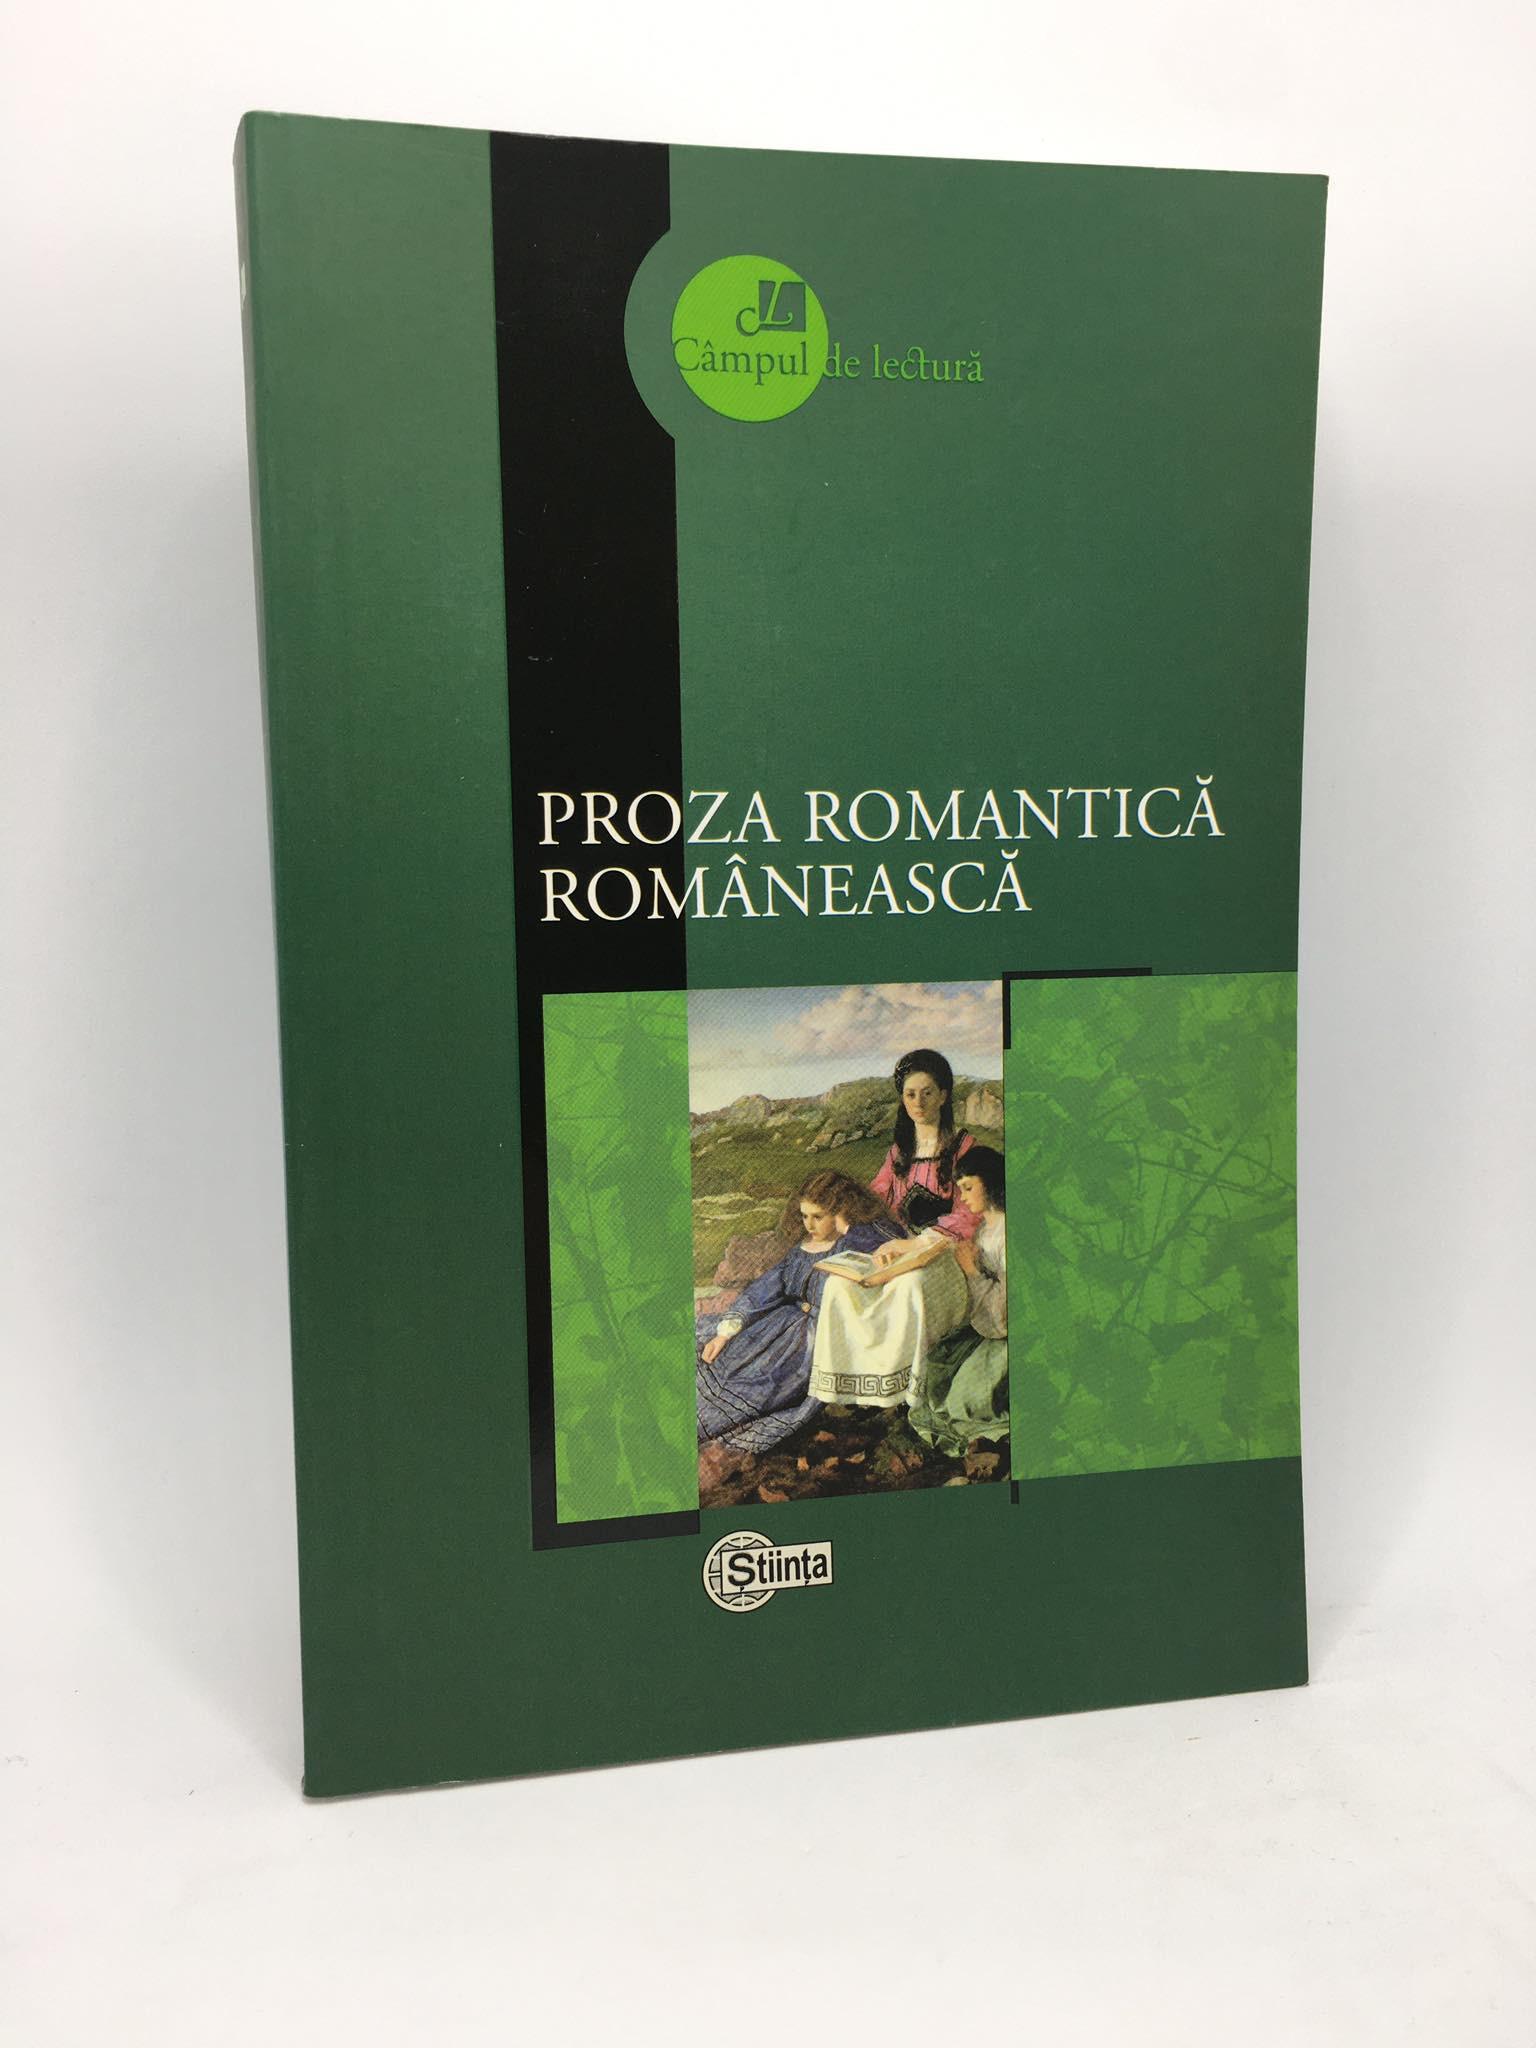 Proza romantică românească